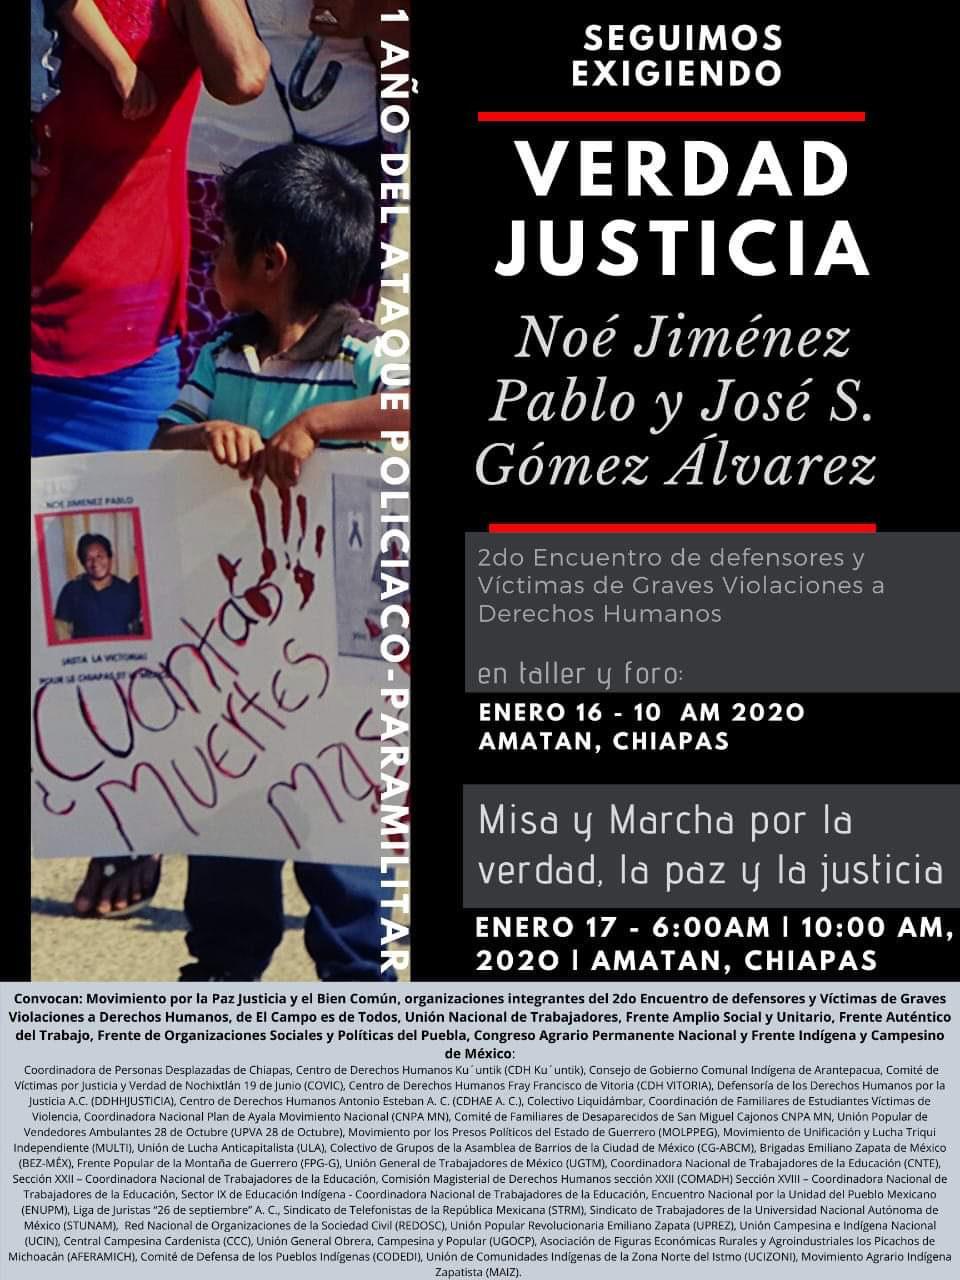 Invitan a movilización en Amatán para exigir justicia por desaparecidos